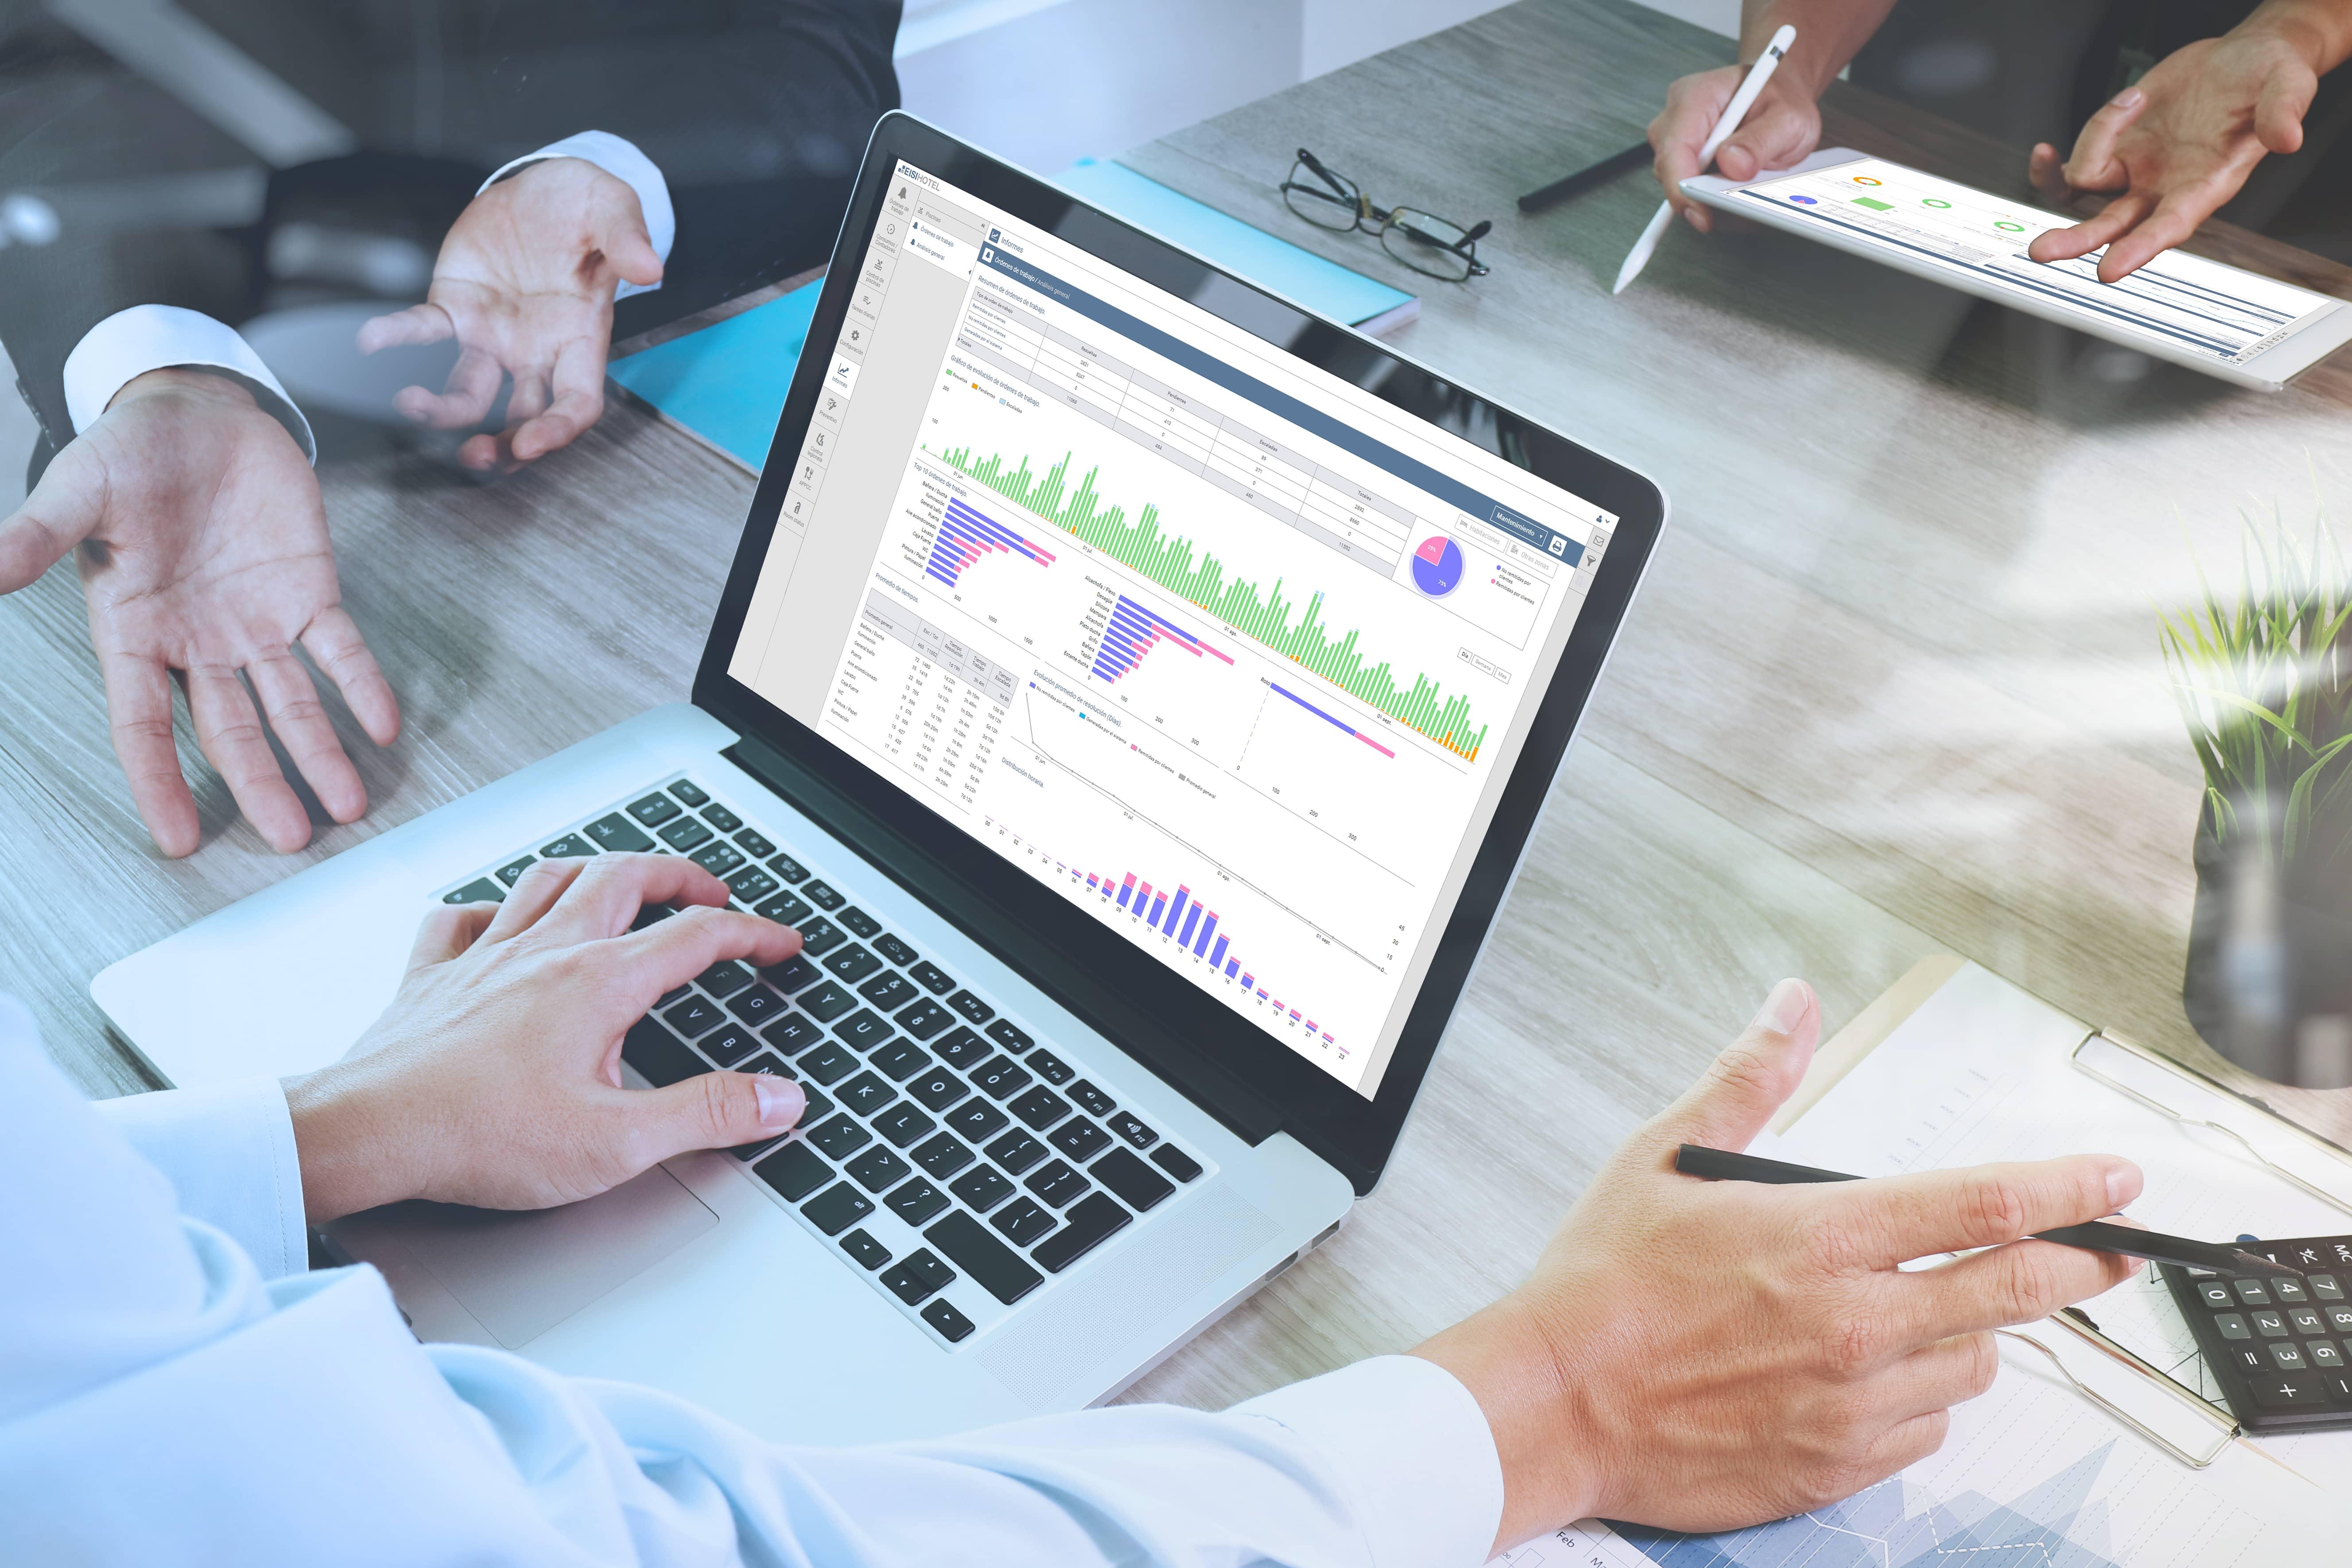 ¿Cómo optimizar recursos con la estandarización de procesos a nivel corporativo?